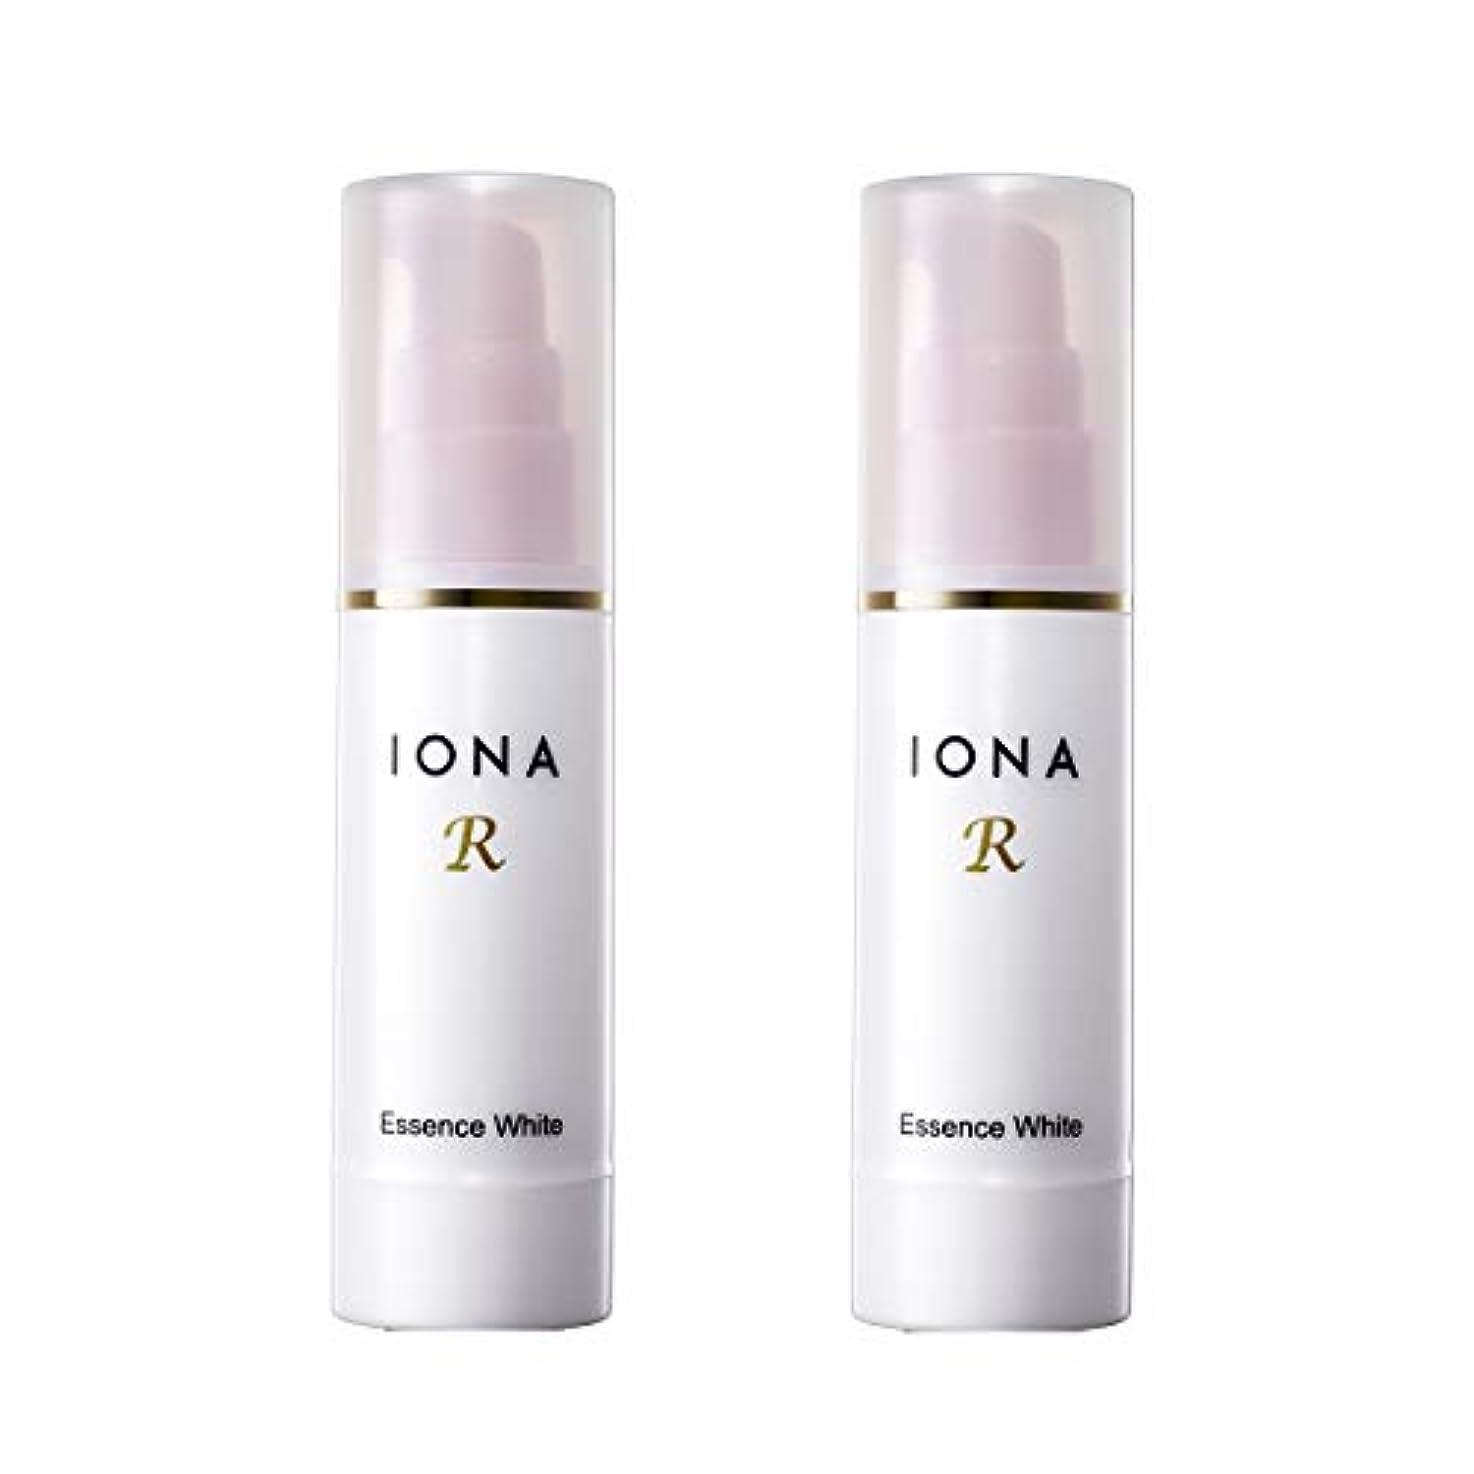 みすぼらしい反論ベッドを作るイオナR エッセンスホワイト 美容液 2個セット 【通常価格より20%OFF】高機能ビタミンC配合美容液 IONA R イオナアール イオナのビタミンC